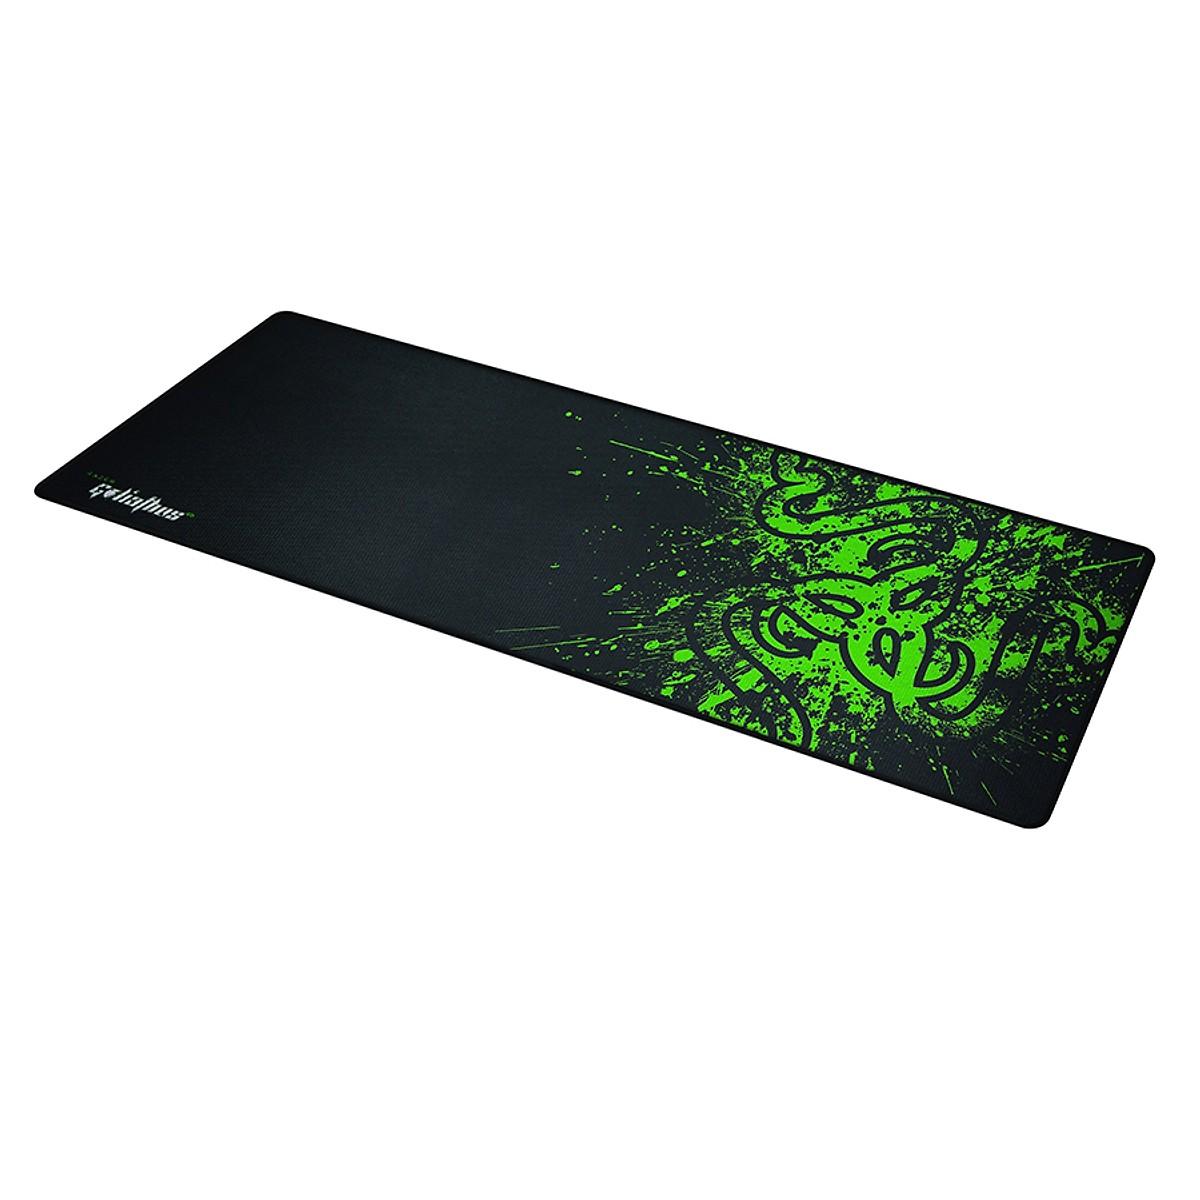 Bàn phím Gaming DareU LK145 có Led - Hàng Chính Hãng + Tặng bàn di chuột Razer (70cm x 30cm)